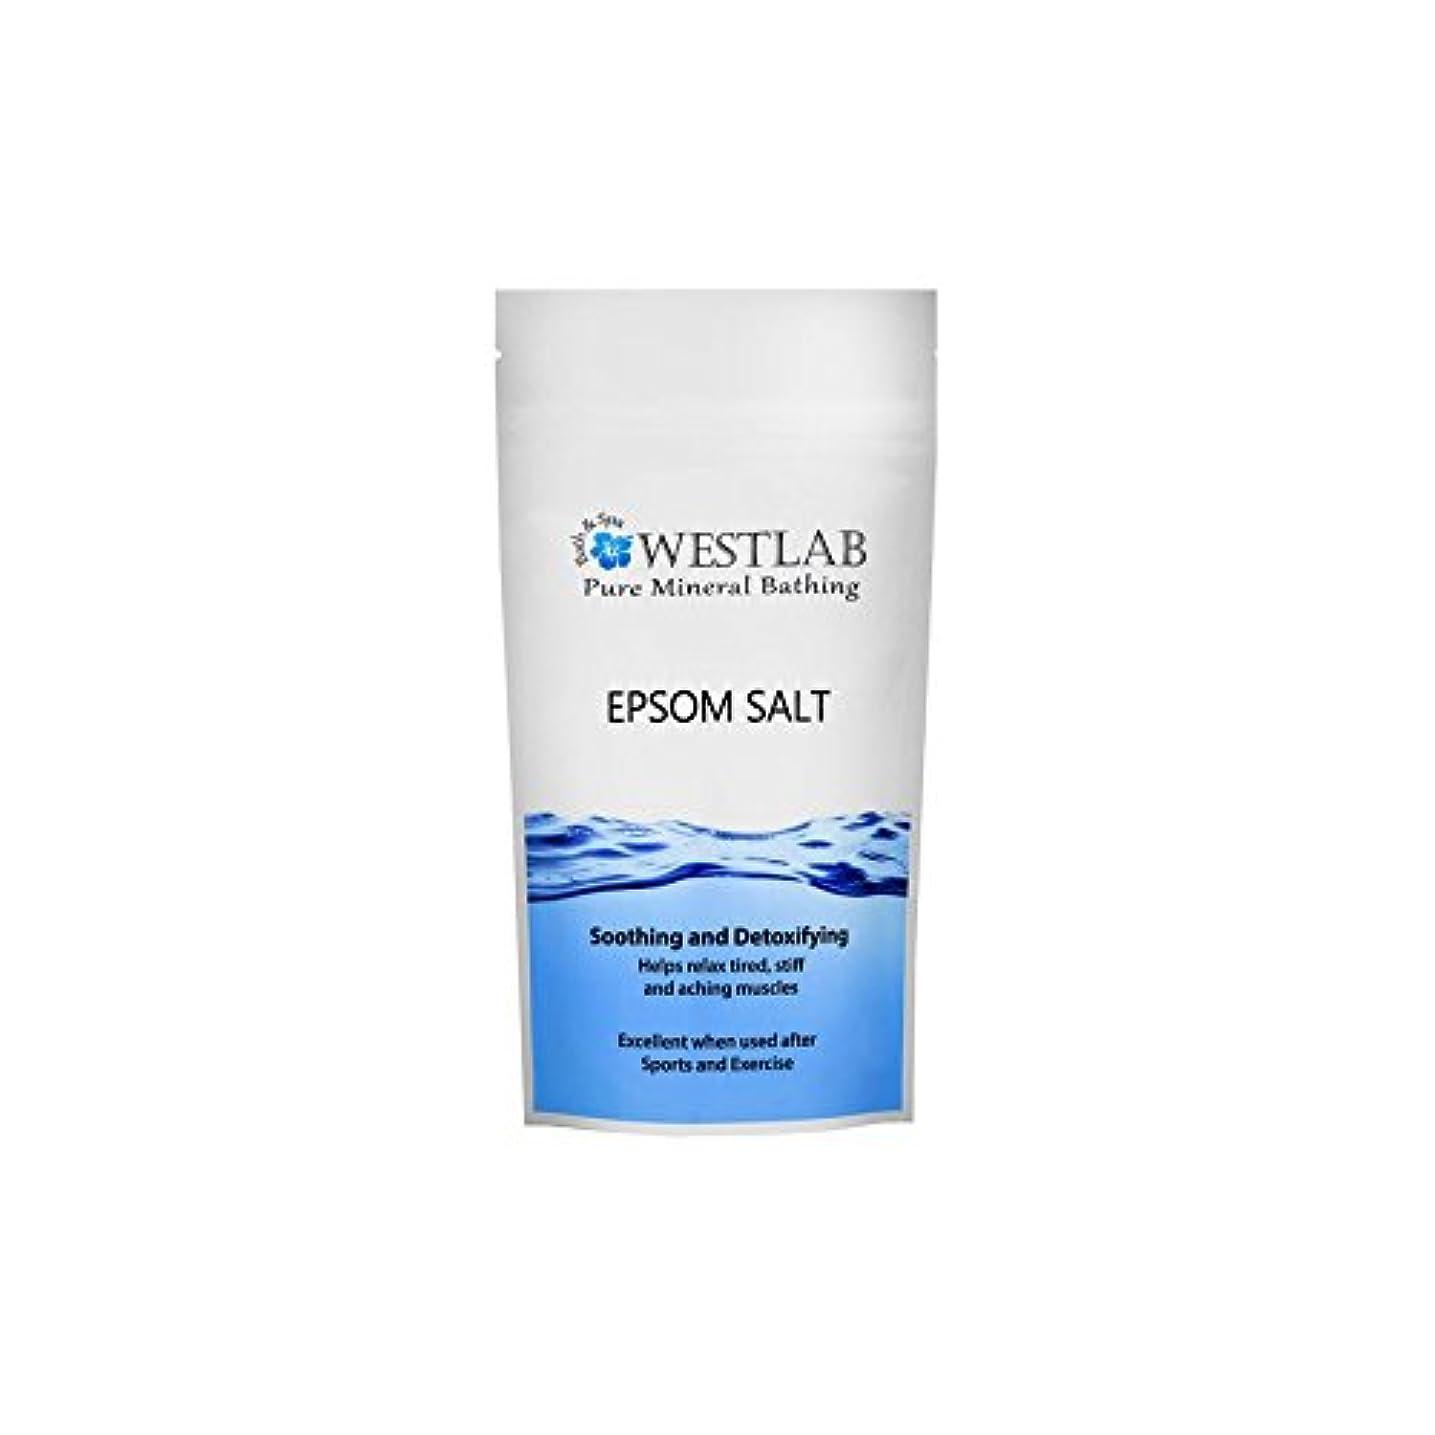 半ば不十分漁師エプソム塩の2キロ x2 - Westlab Epsom Salt 2kg (Pack of 2) [並行輸入品]